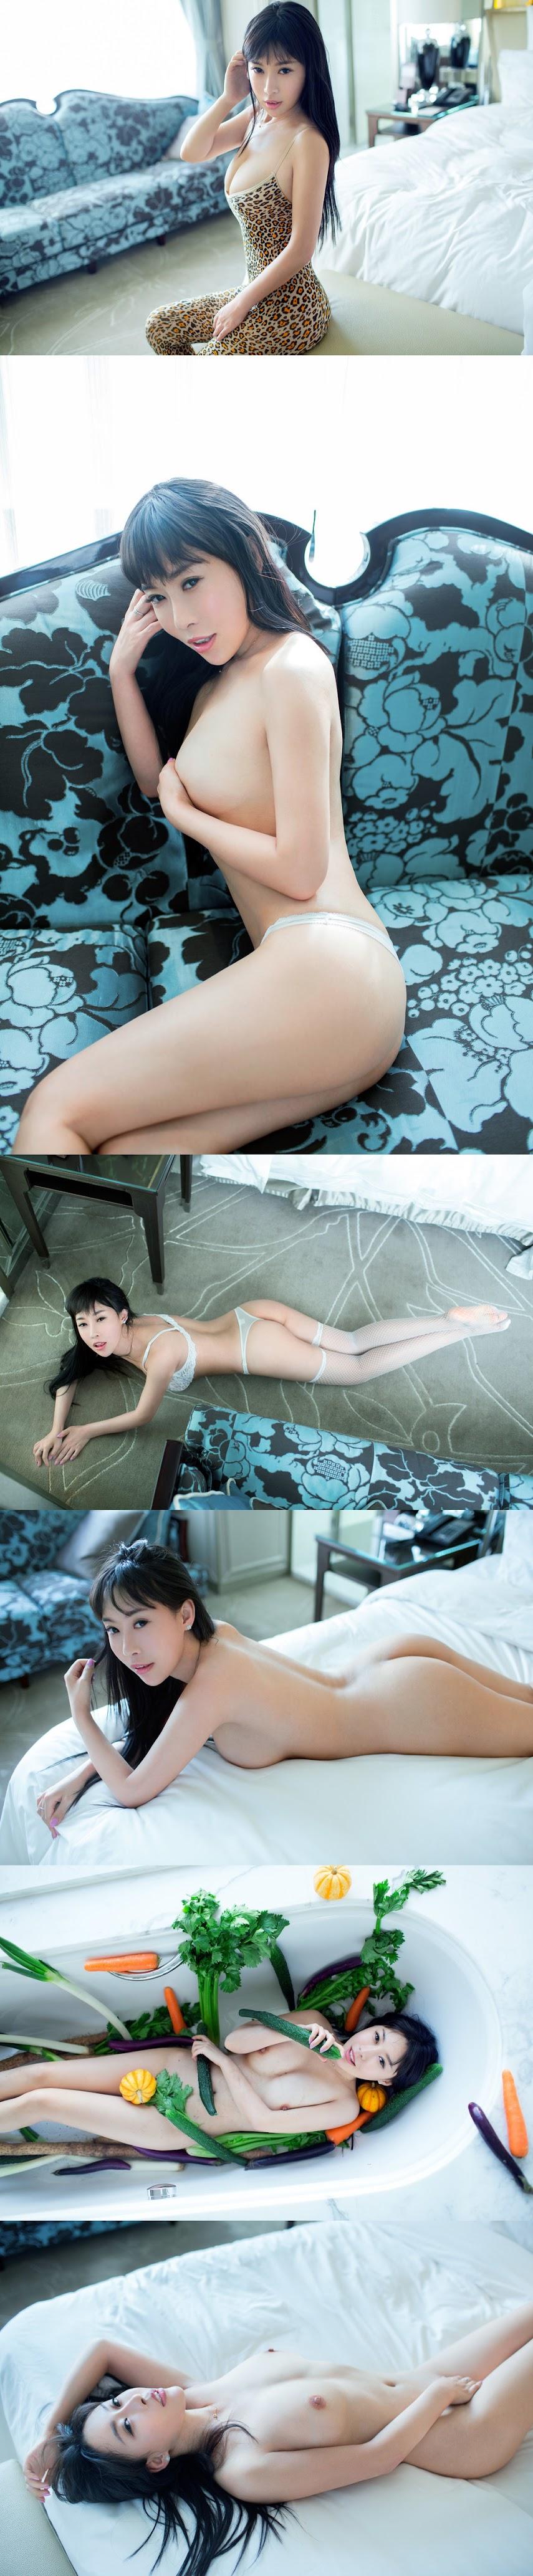 TuiGirl 50 sexy girls image jav